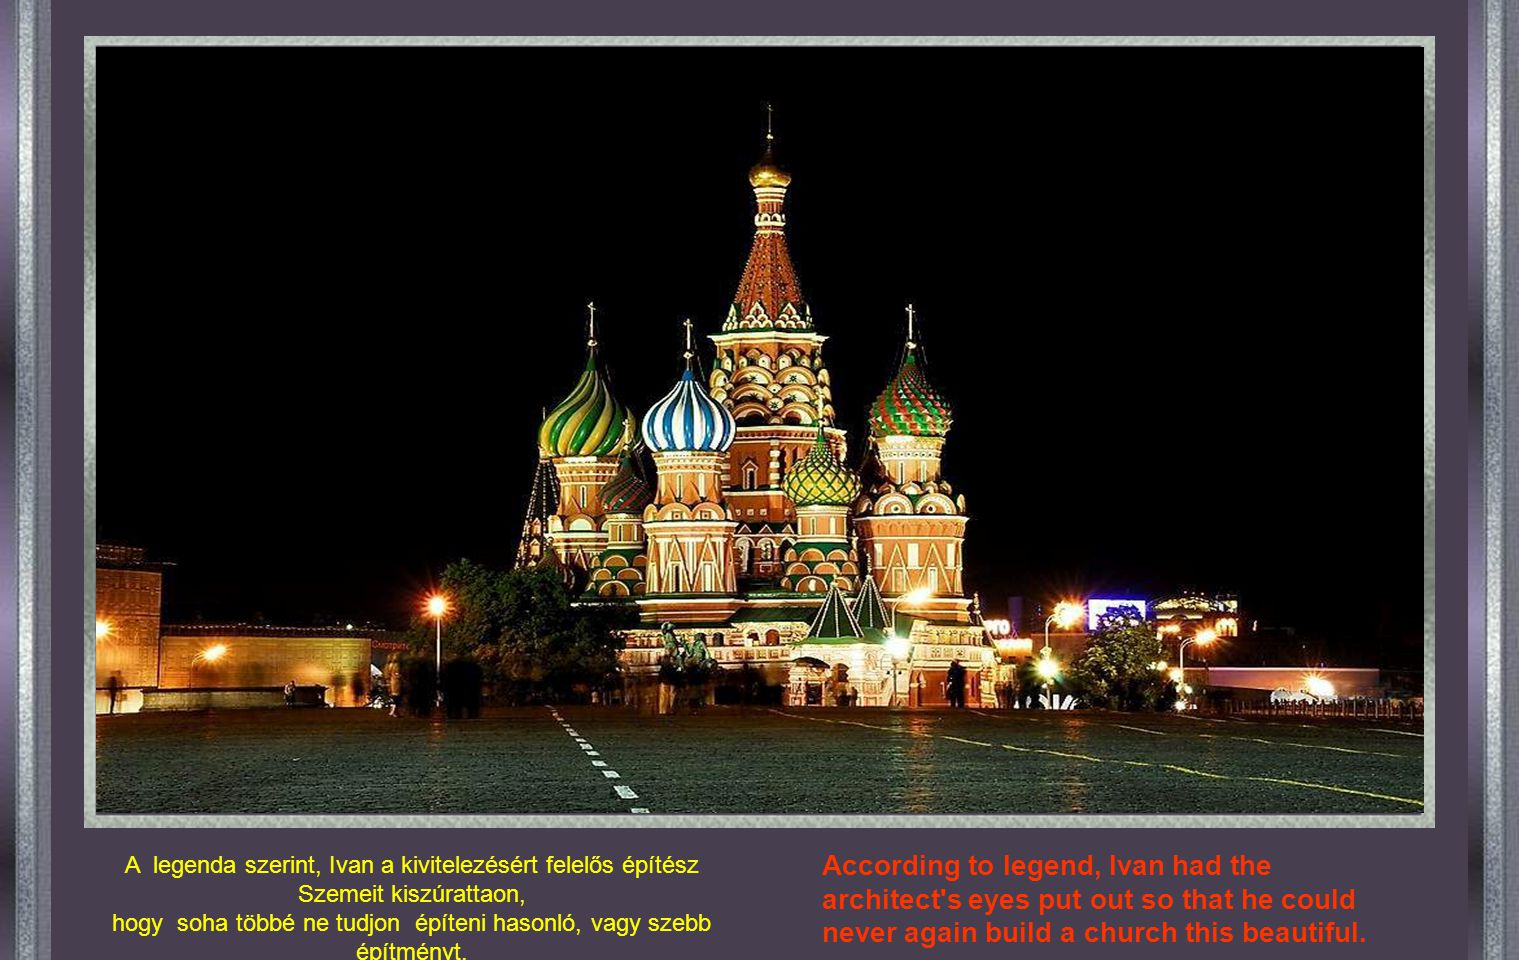 MOSZKVA - Szent Bazil Székesegyház - 1555-ben épült Rettegett Iván cár utasítására, ez a világ építészetének egyik gyöngyszeme. Moscow: Saint Basile C